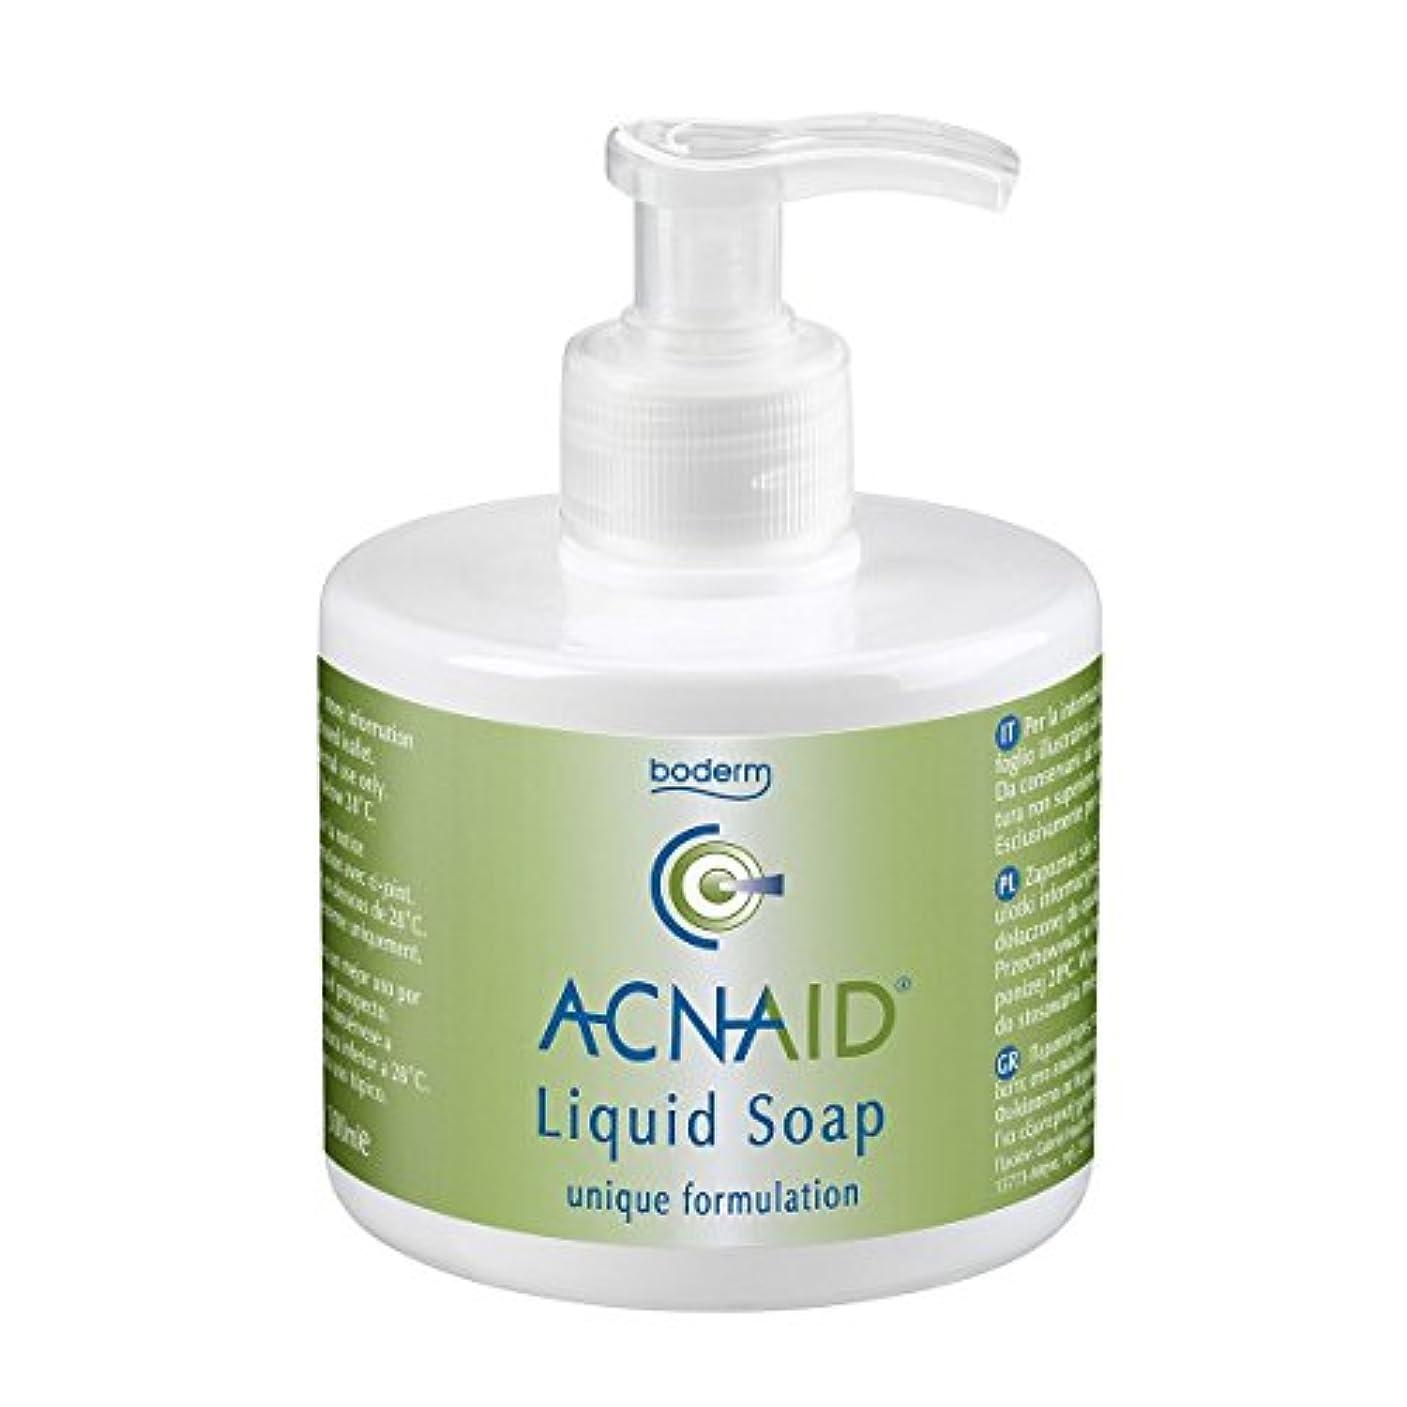 リズミカルな意志幻滅Acnaid Liquid Soap 300ml [並行輸入品]